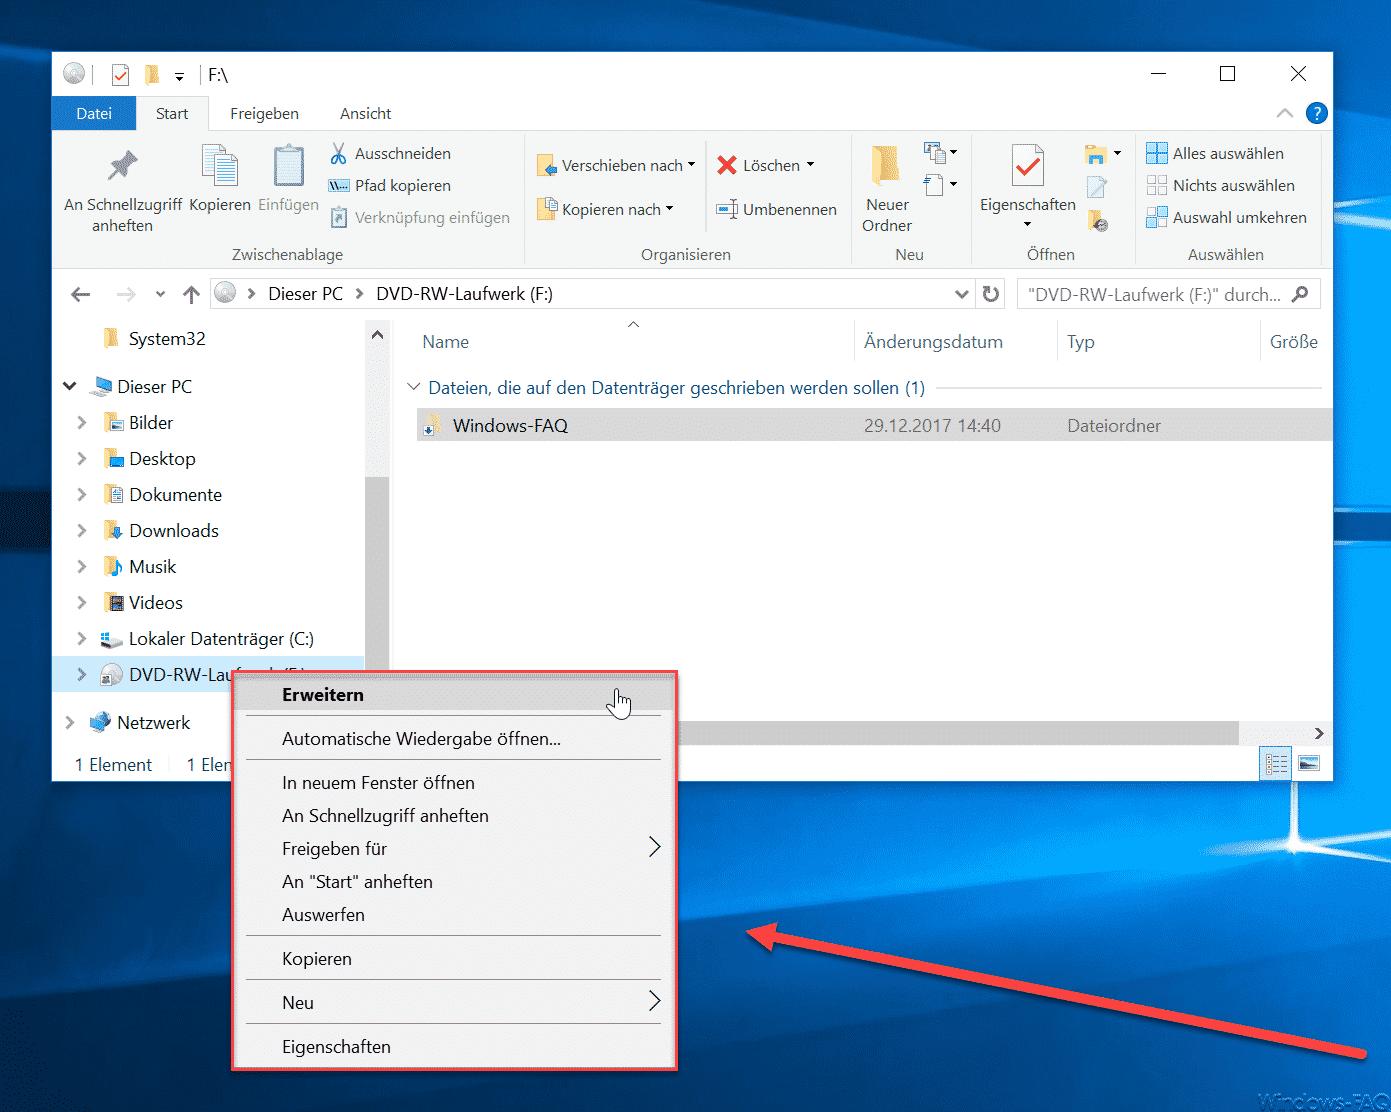 Brennfunktion aus Windows Explorer entfernt